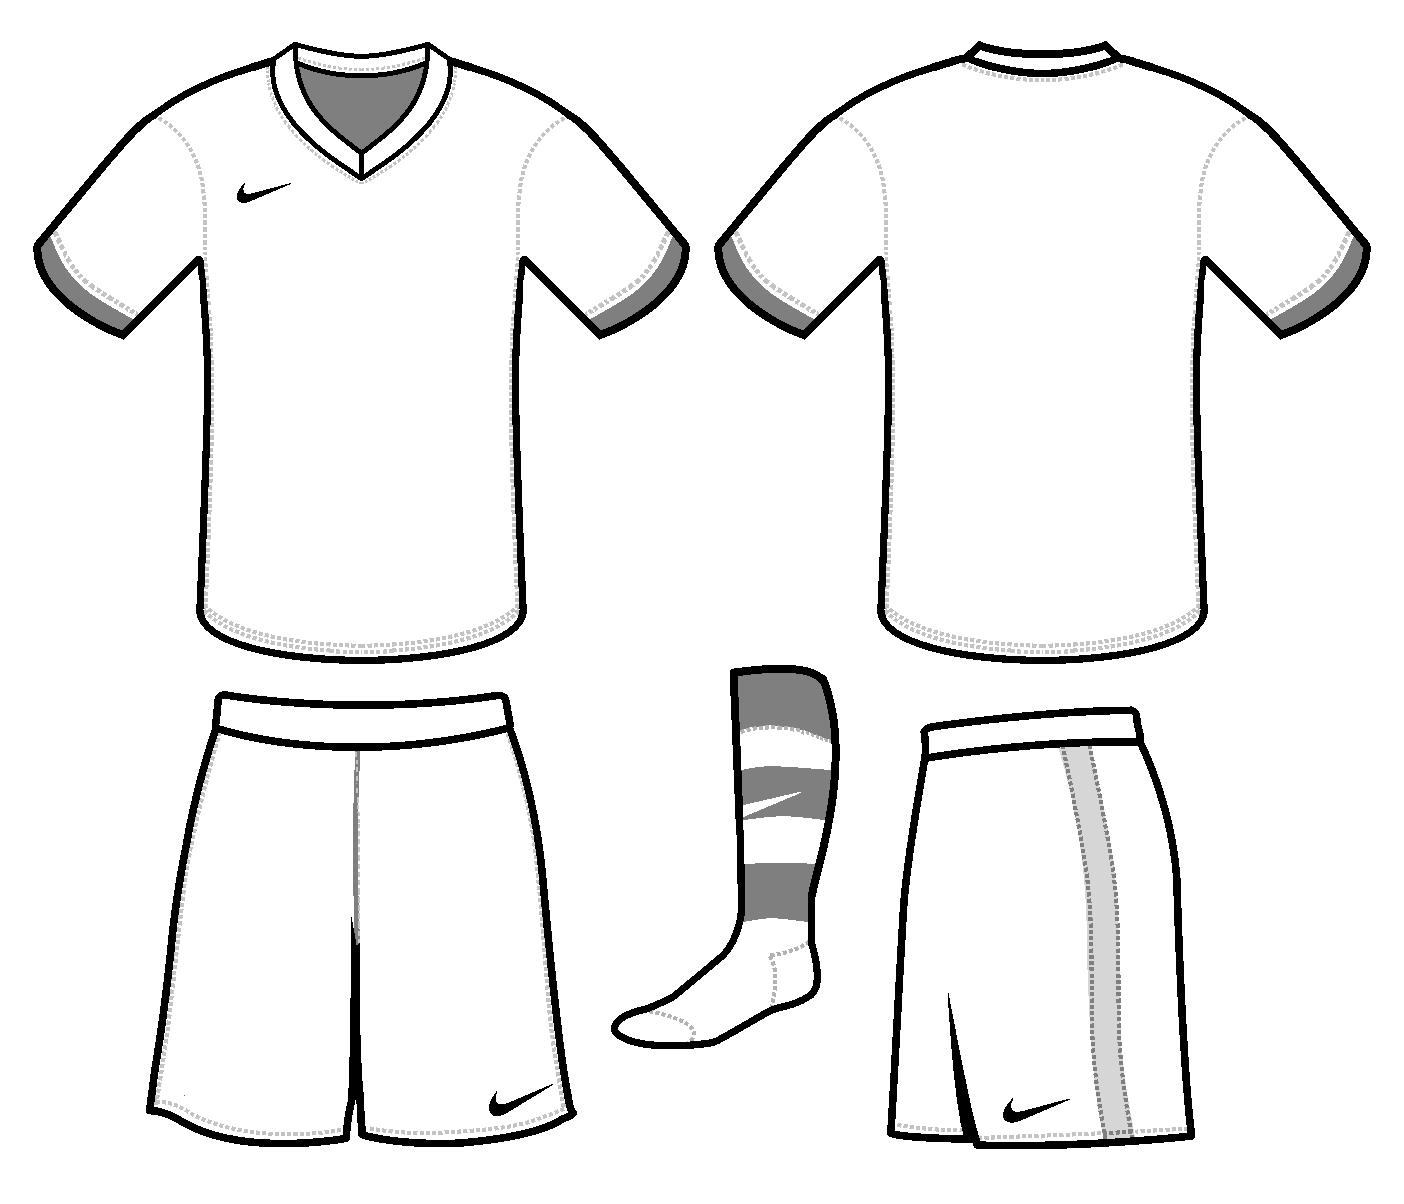 Soccer kit design template